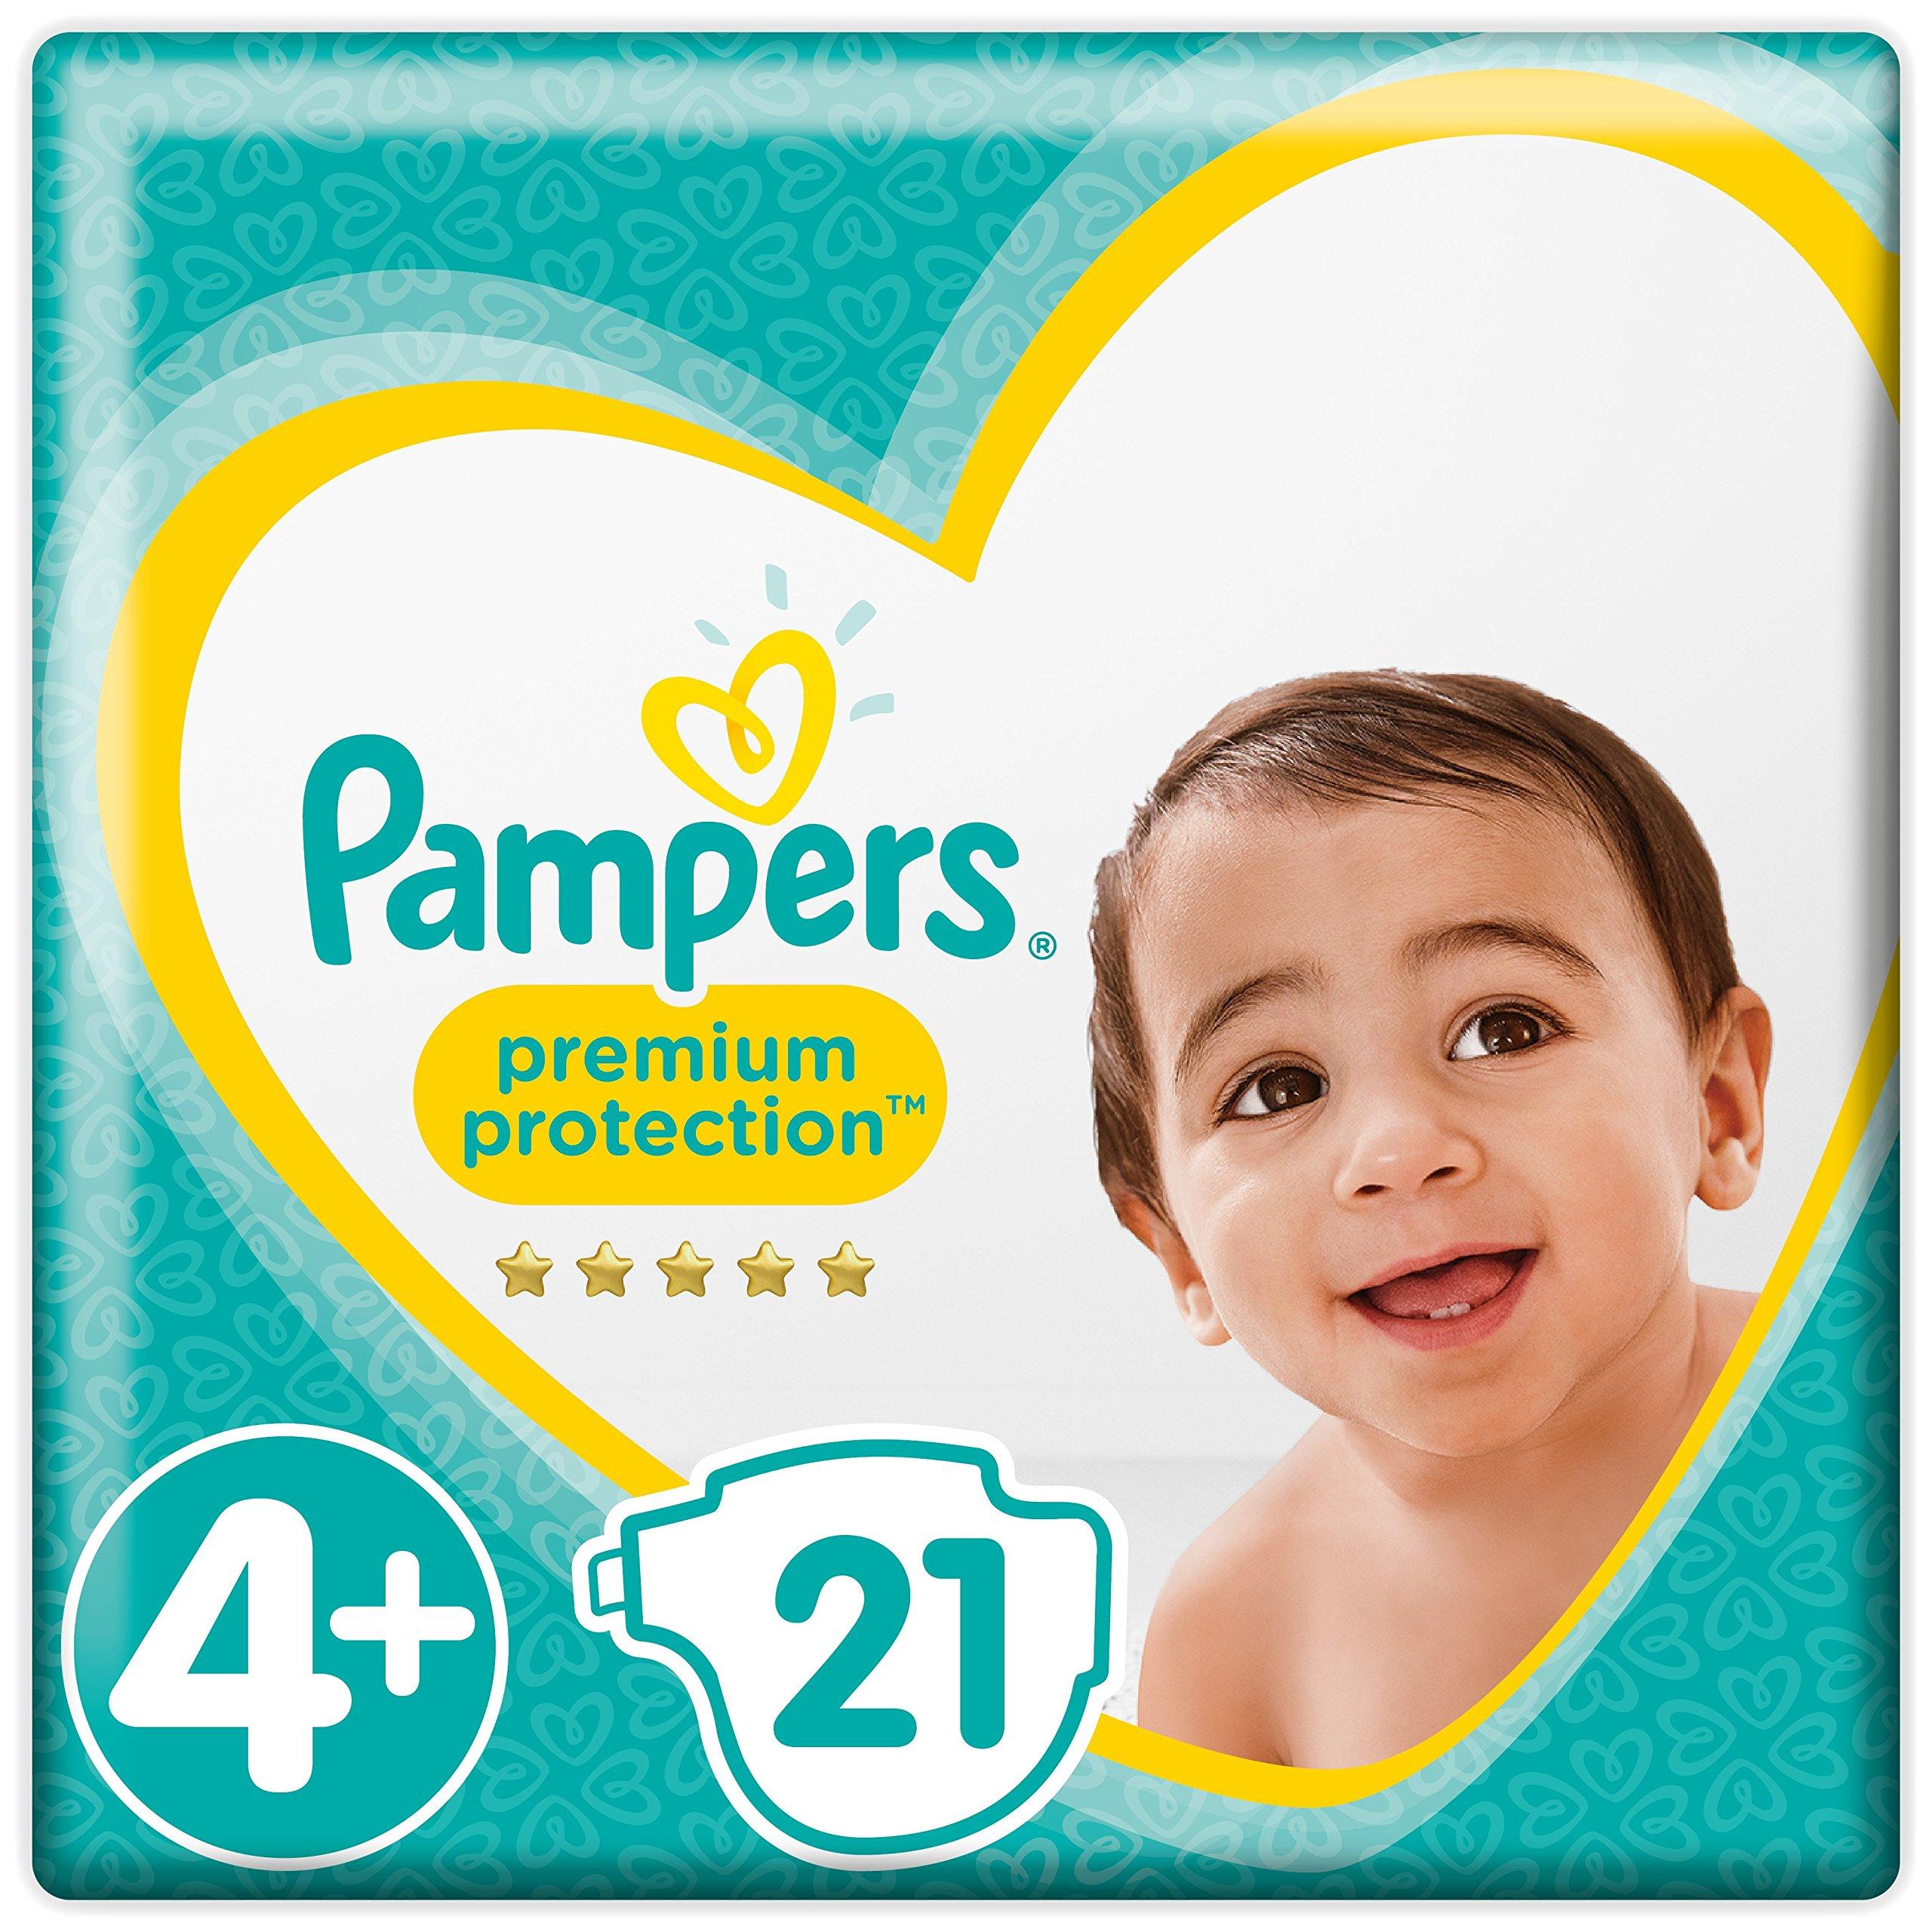 Pampers Pañales para Bebés, Protección Superior, talla 4+ product image